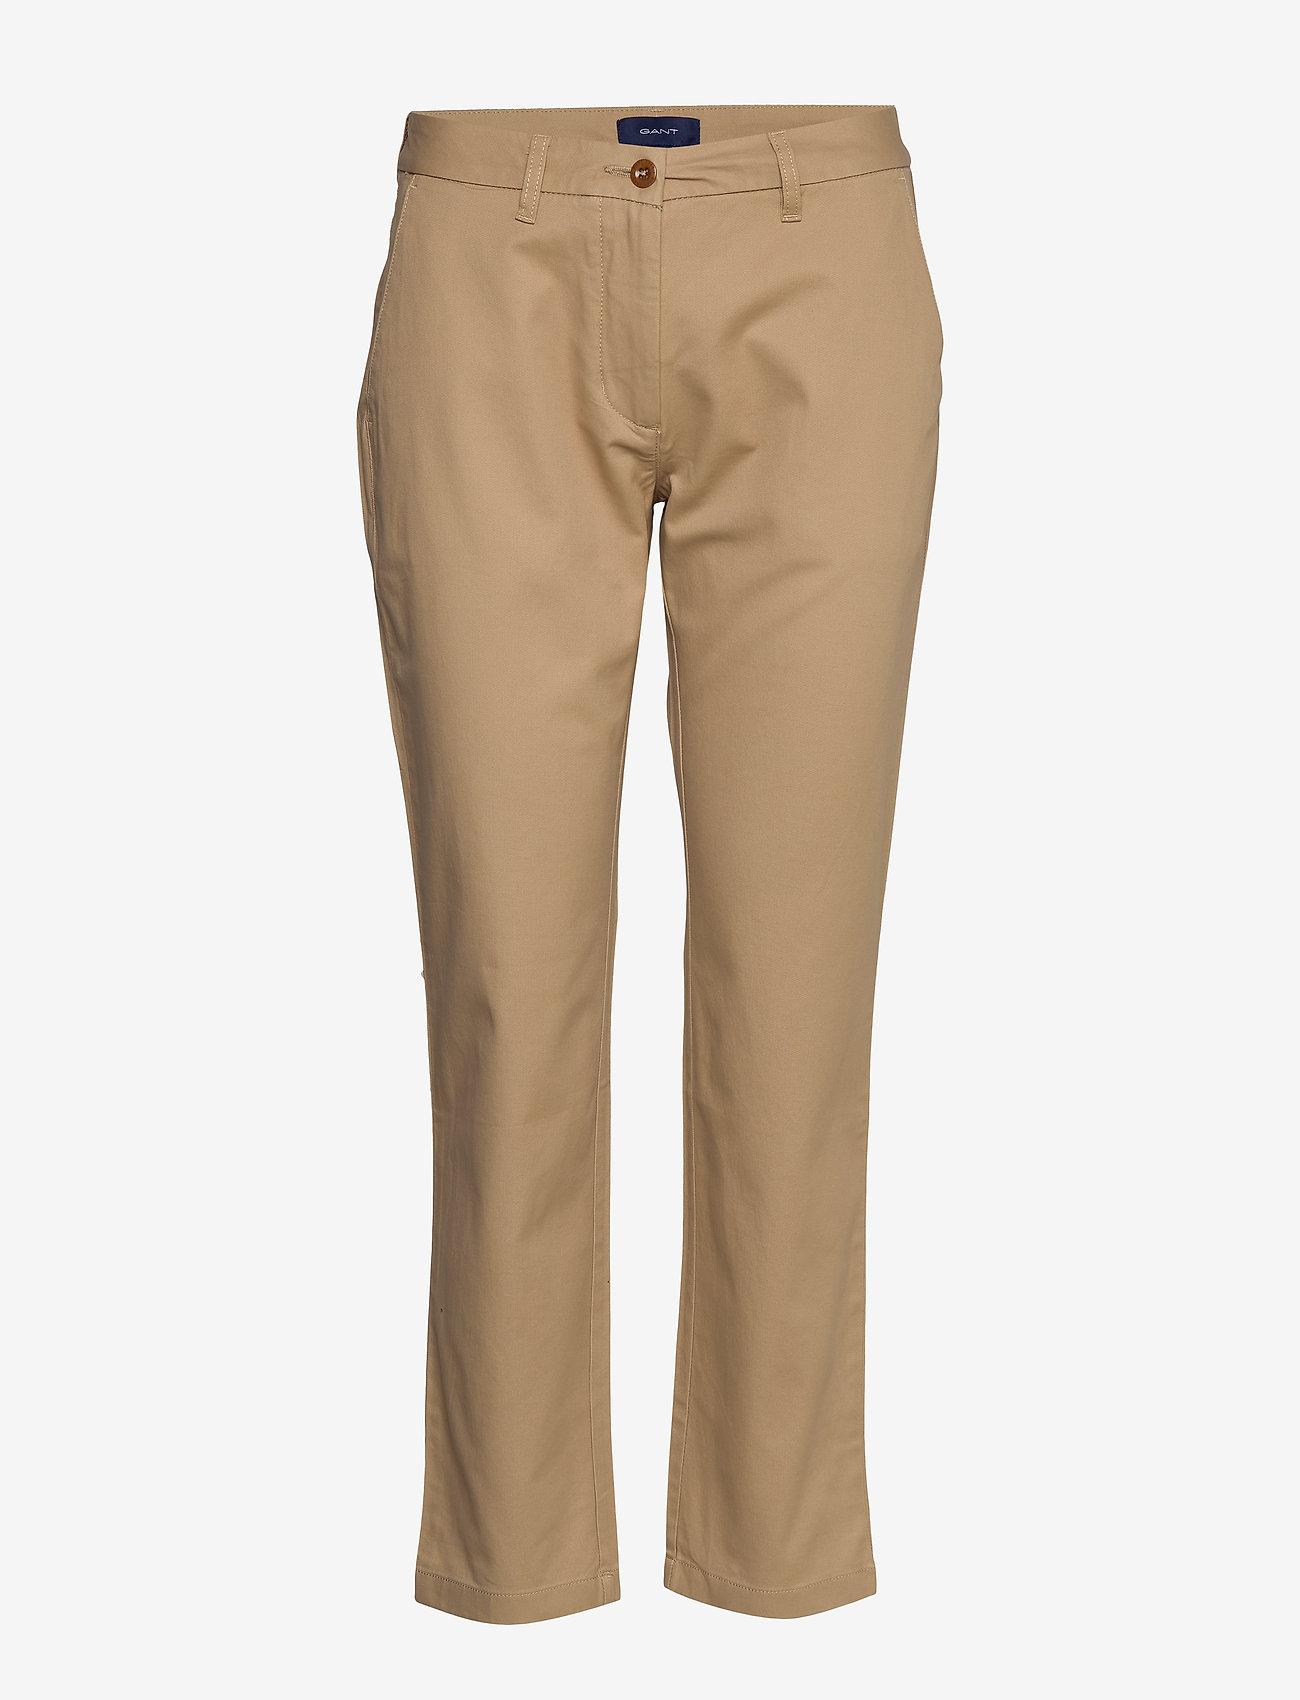 Gant - CLASSIC CHINO - straight leg trousers - dark khaki